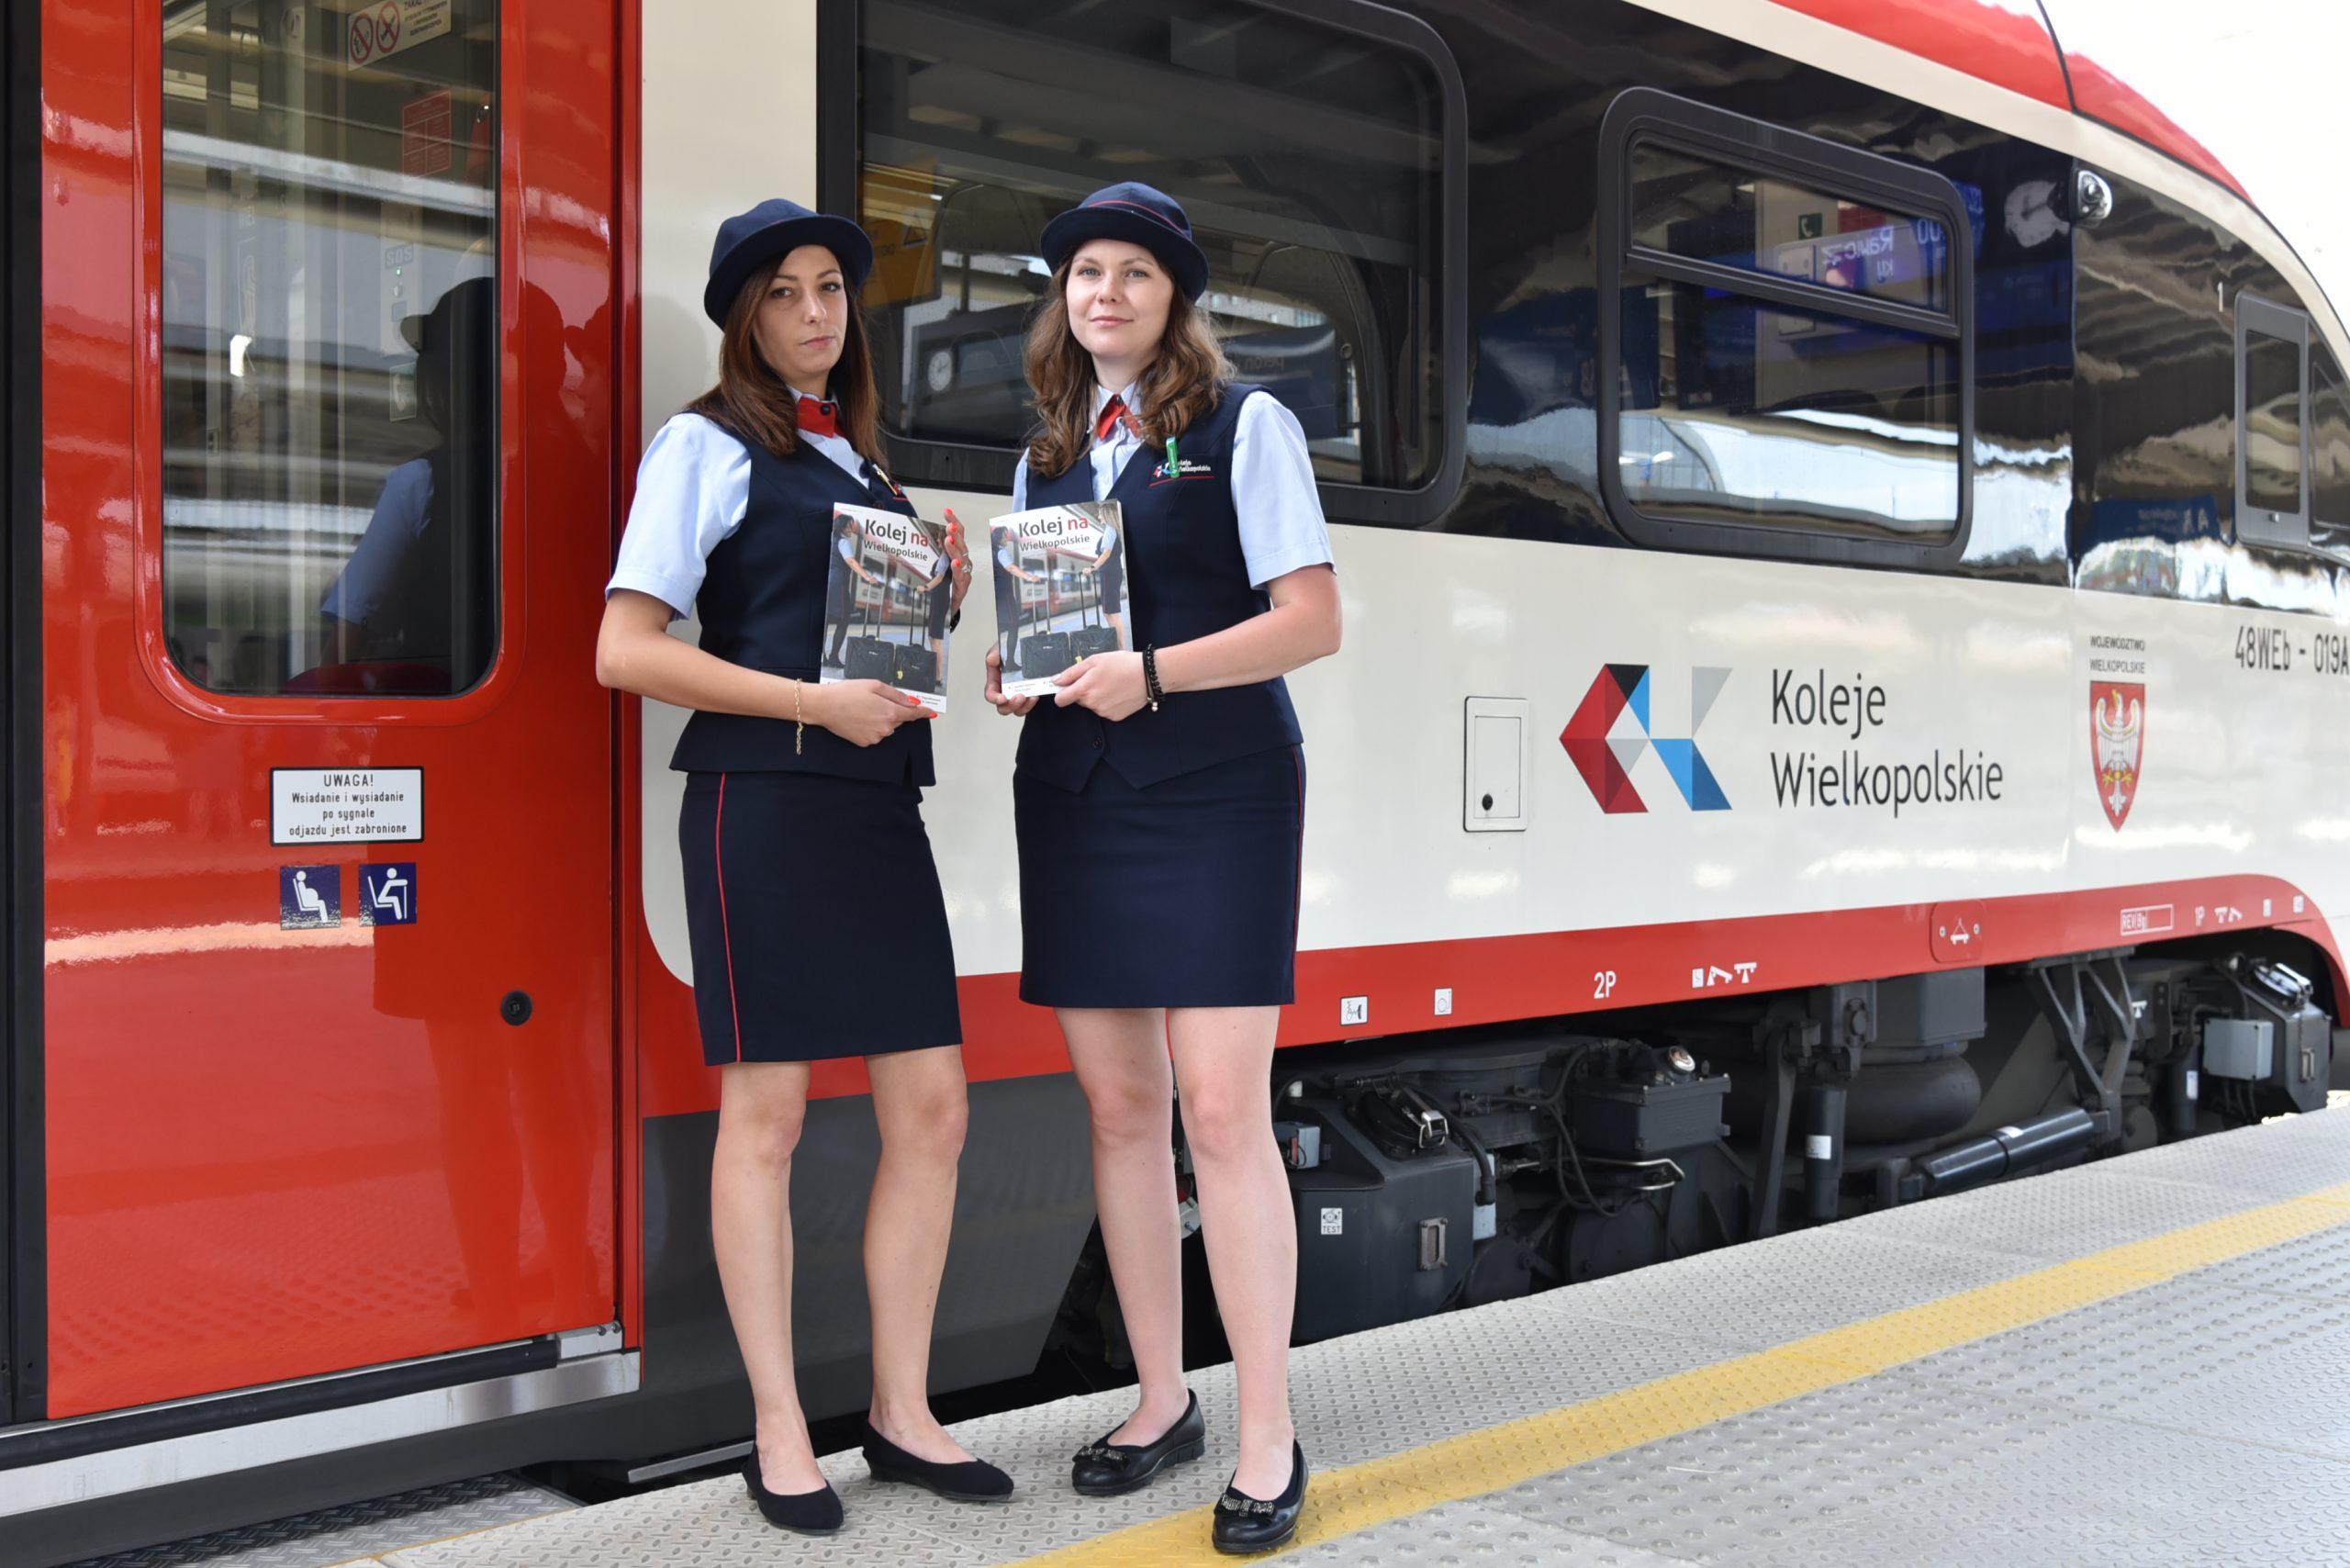 Konduktorki z magazynem pokładowym przed pociągiem